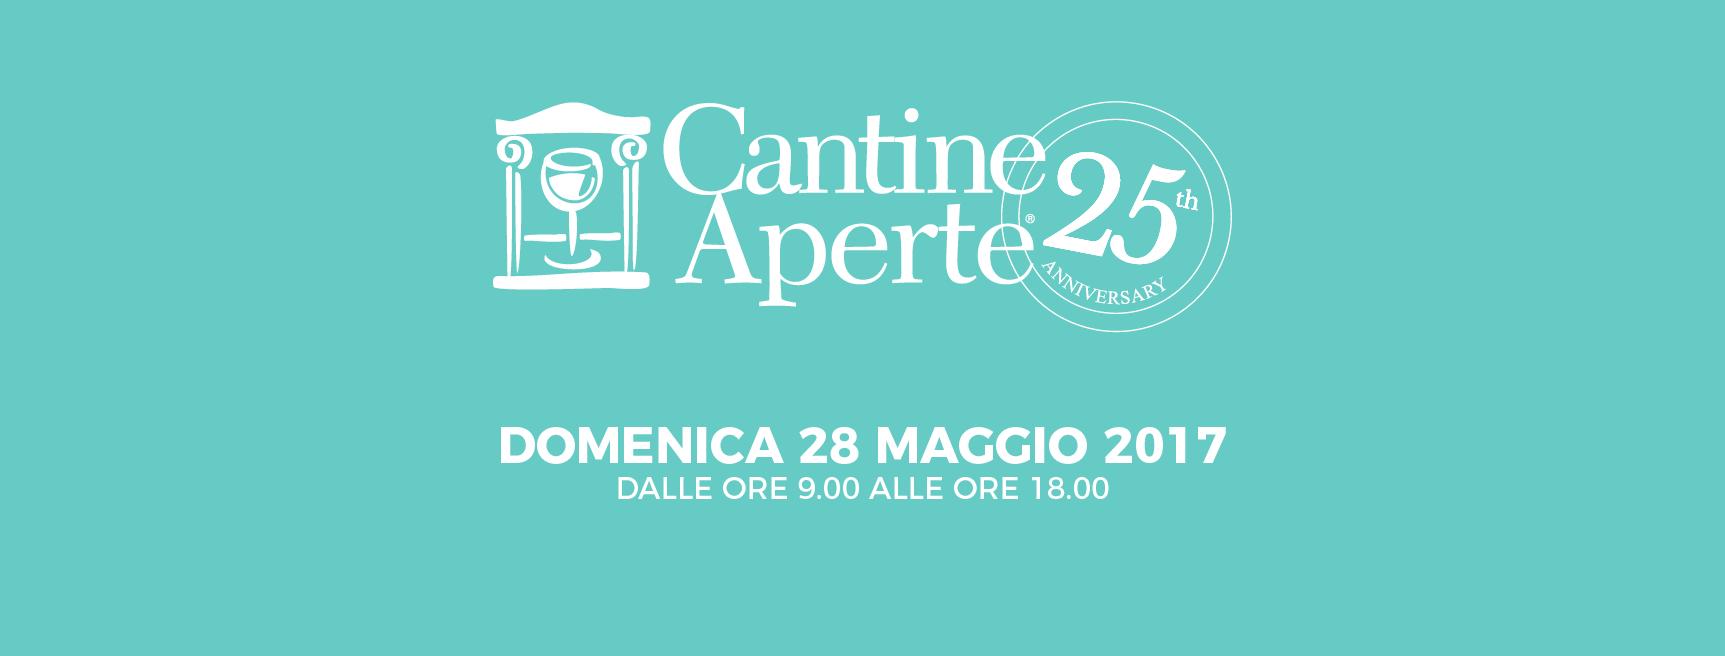 Cantine Aperte Domenica 28 Maggio 2017